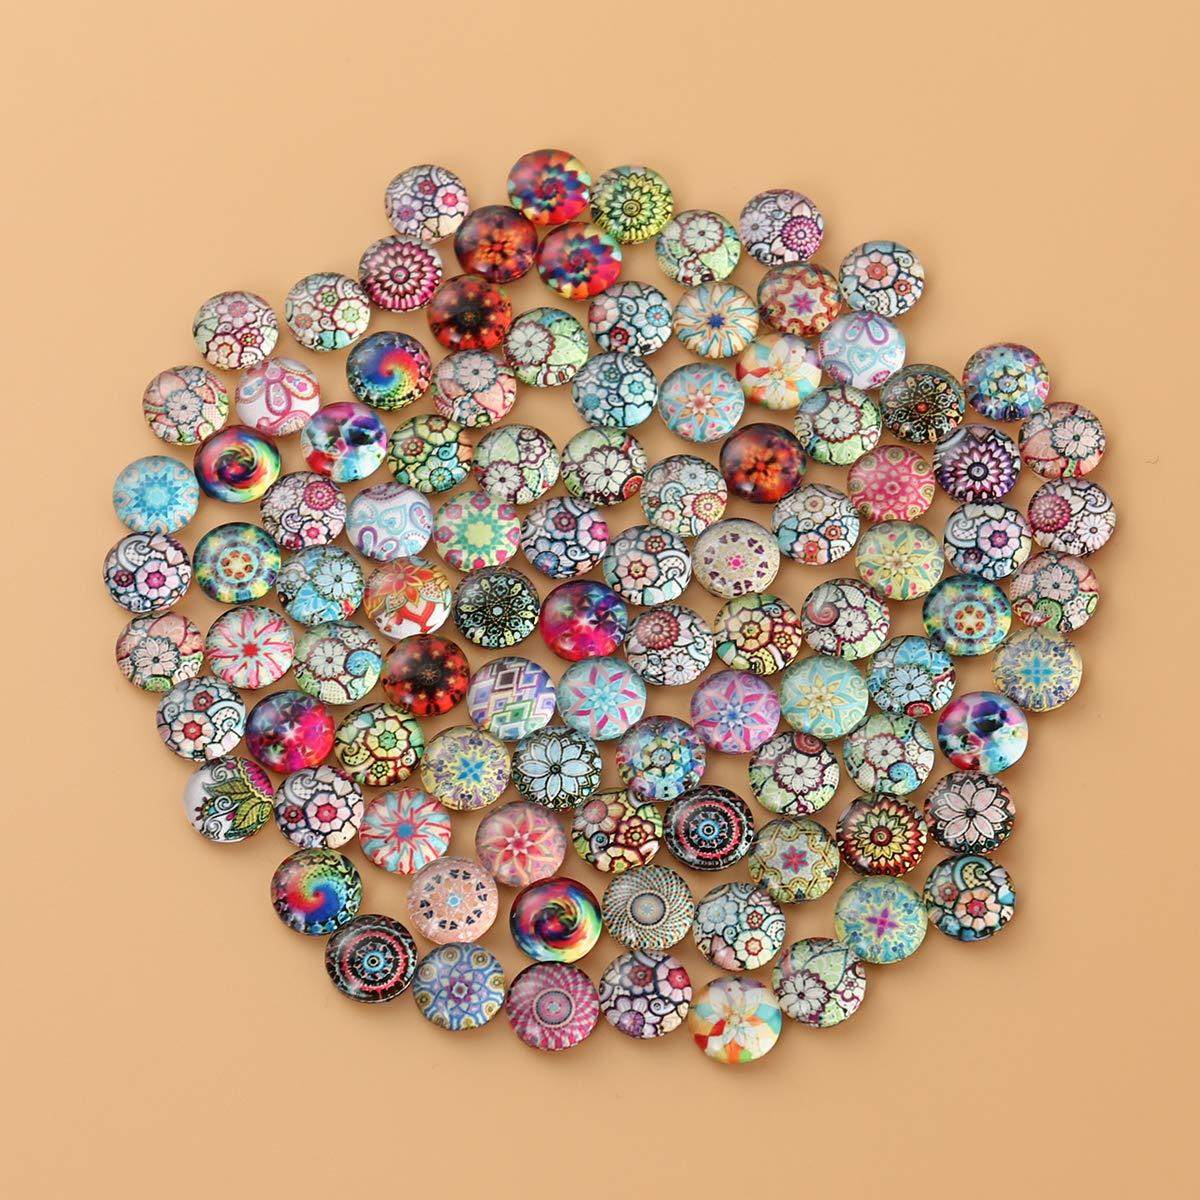 Healifty Cabochons en verre couleur m/élang/ée motif de fleurs demi-ronde artisanat mosa/ïque pour la fabrication de bijoux 8 mm 100pcs